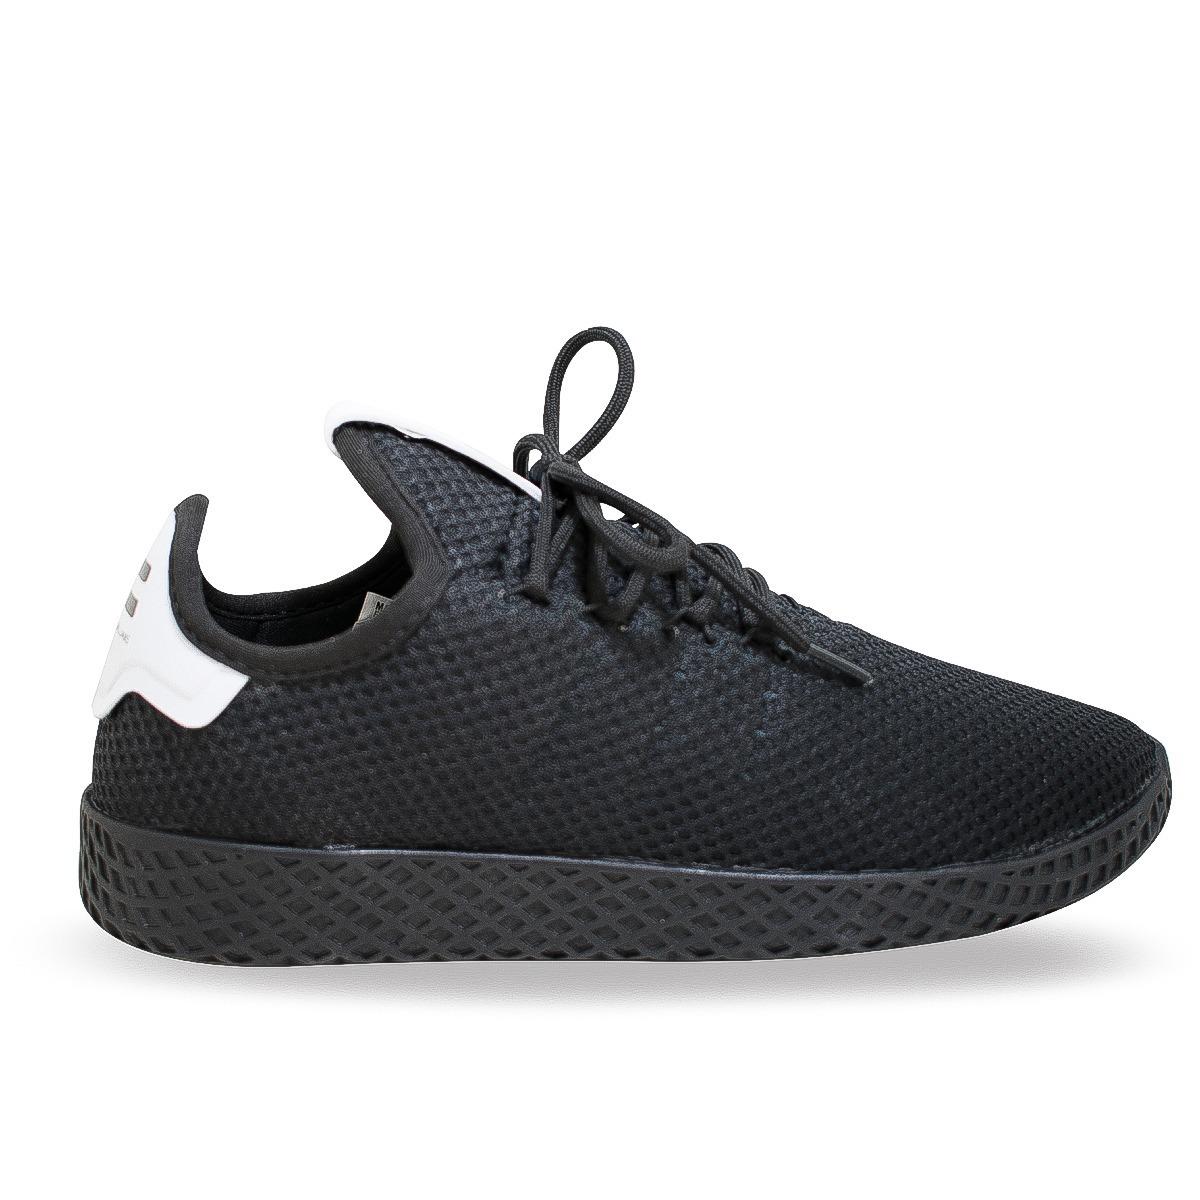 tênis adidas hu pharrell wlliams black friday promoção hype. Carregando zoom . 23e958de41d42